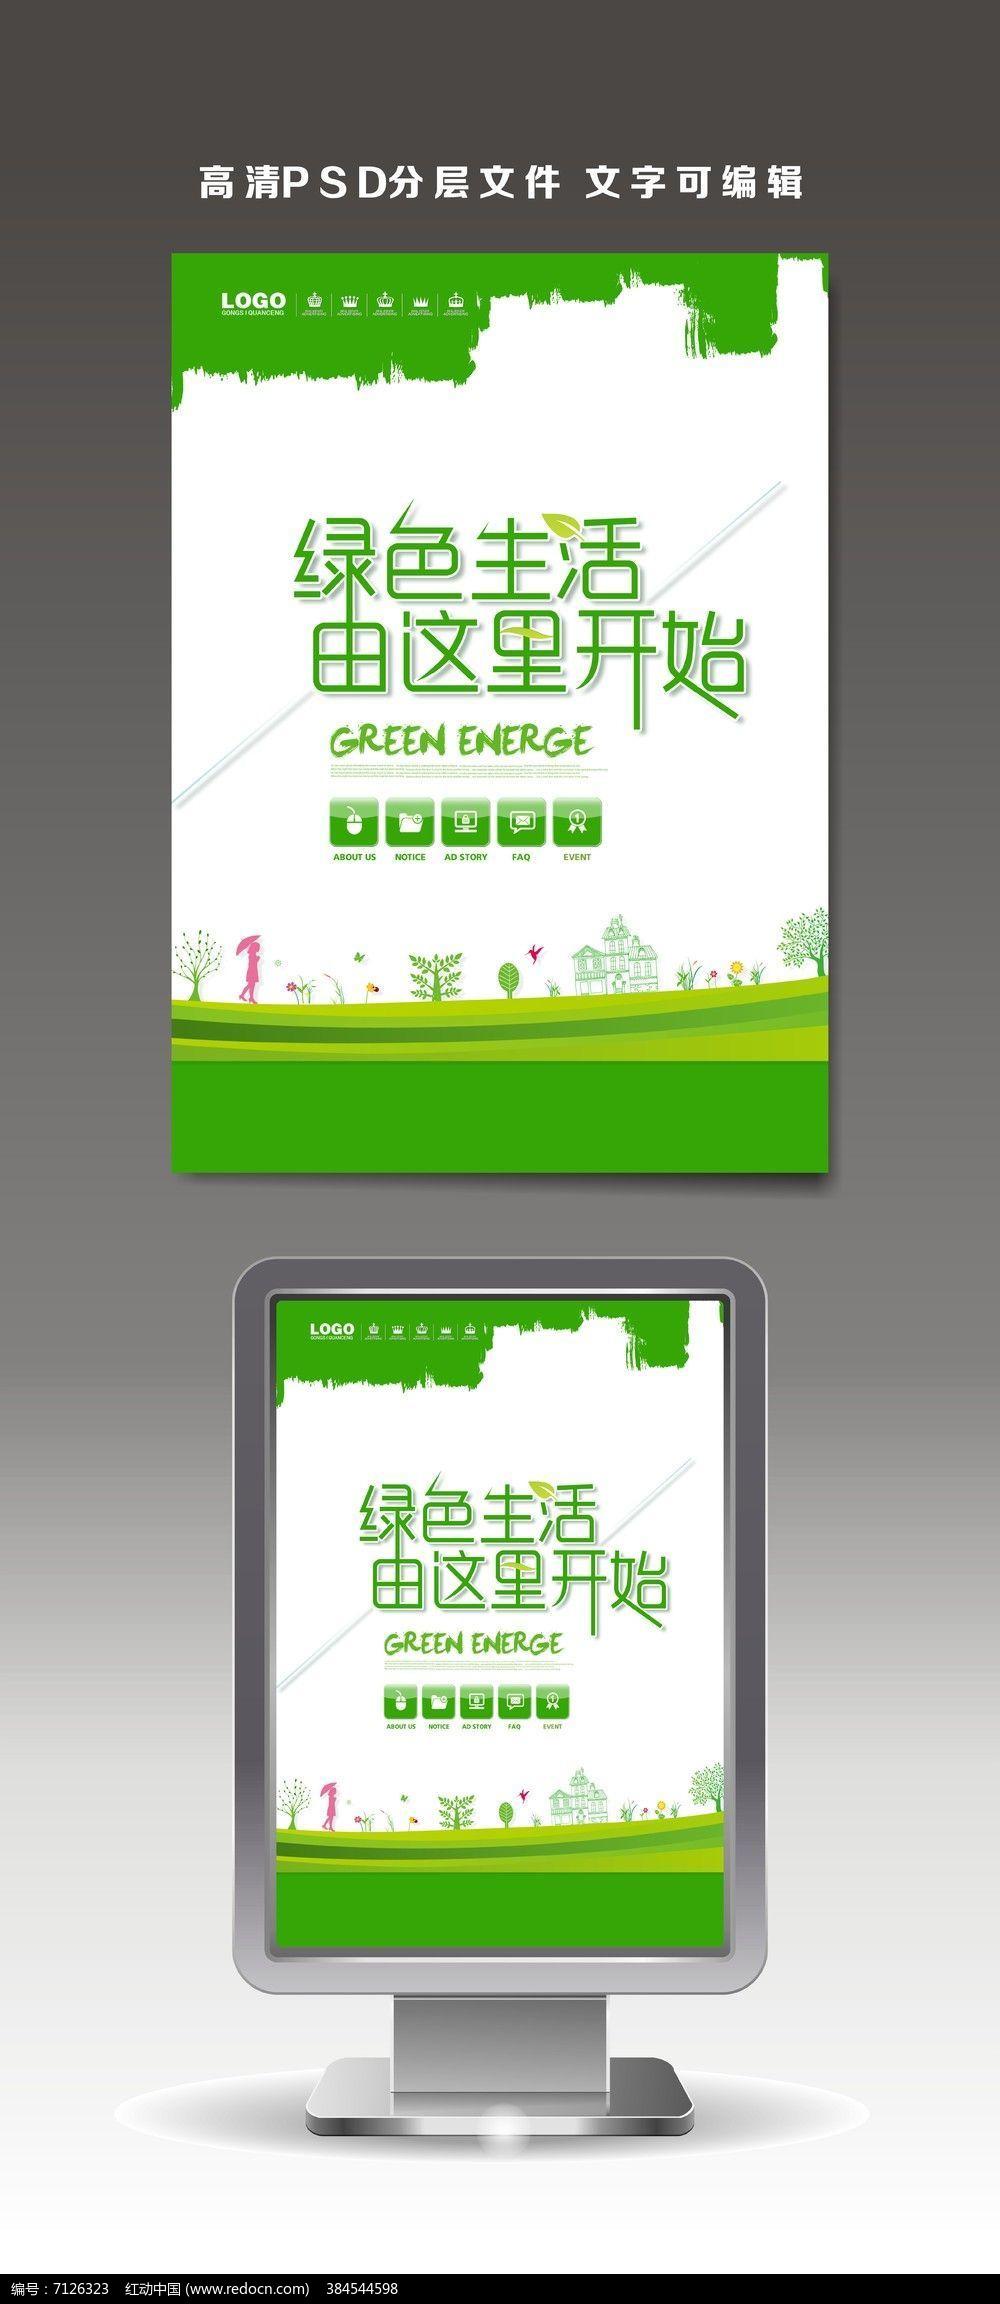 您当前访问作品主题是绿色生活保护环境公益广告设计,编号是7126323图片